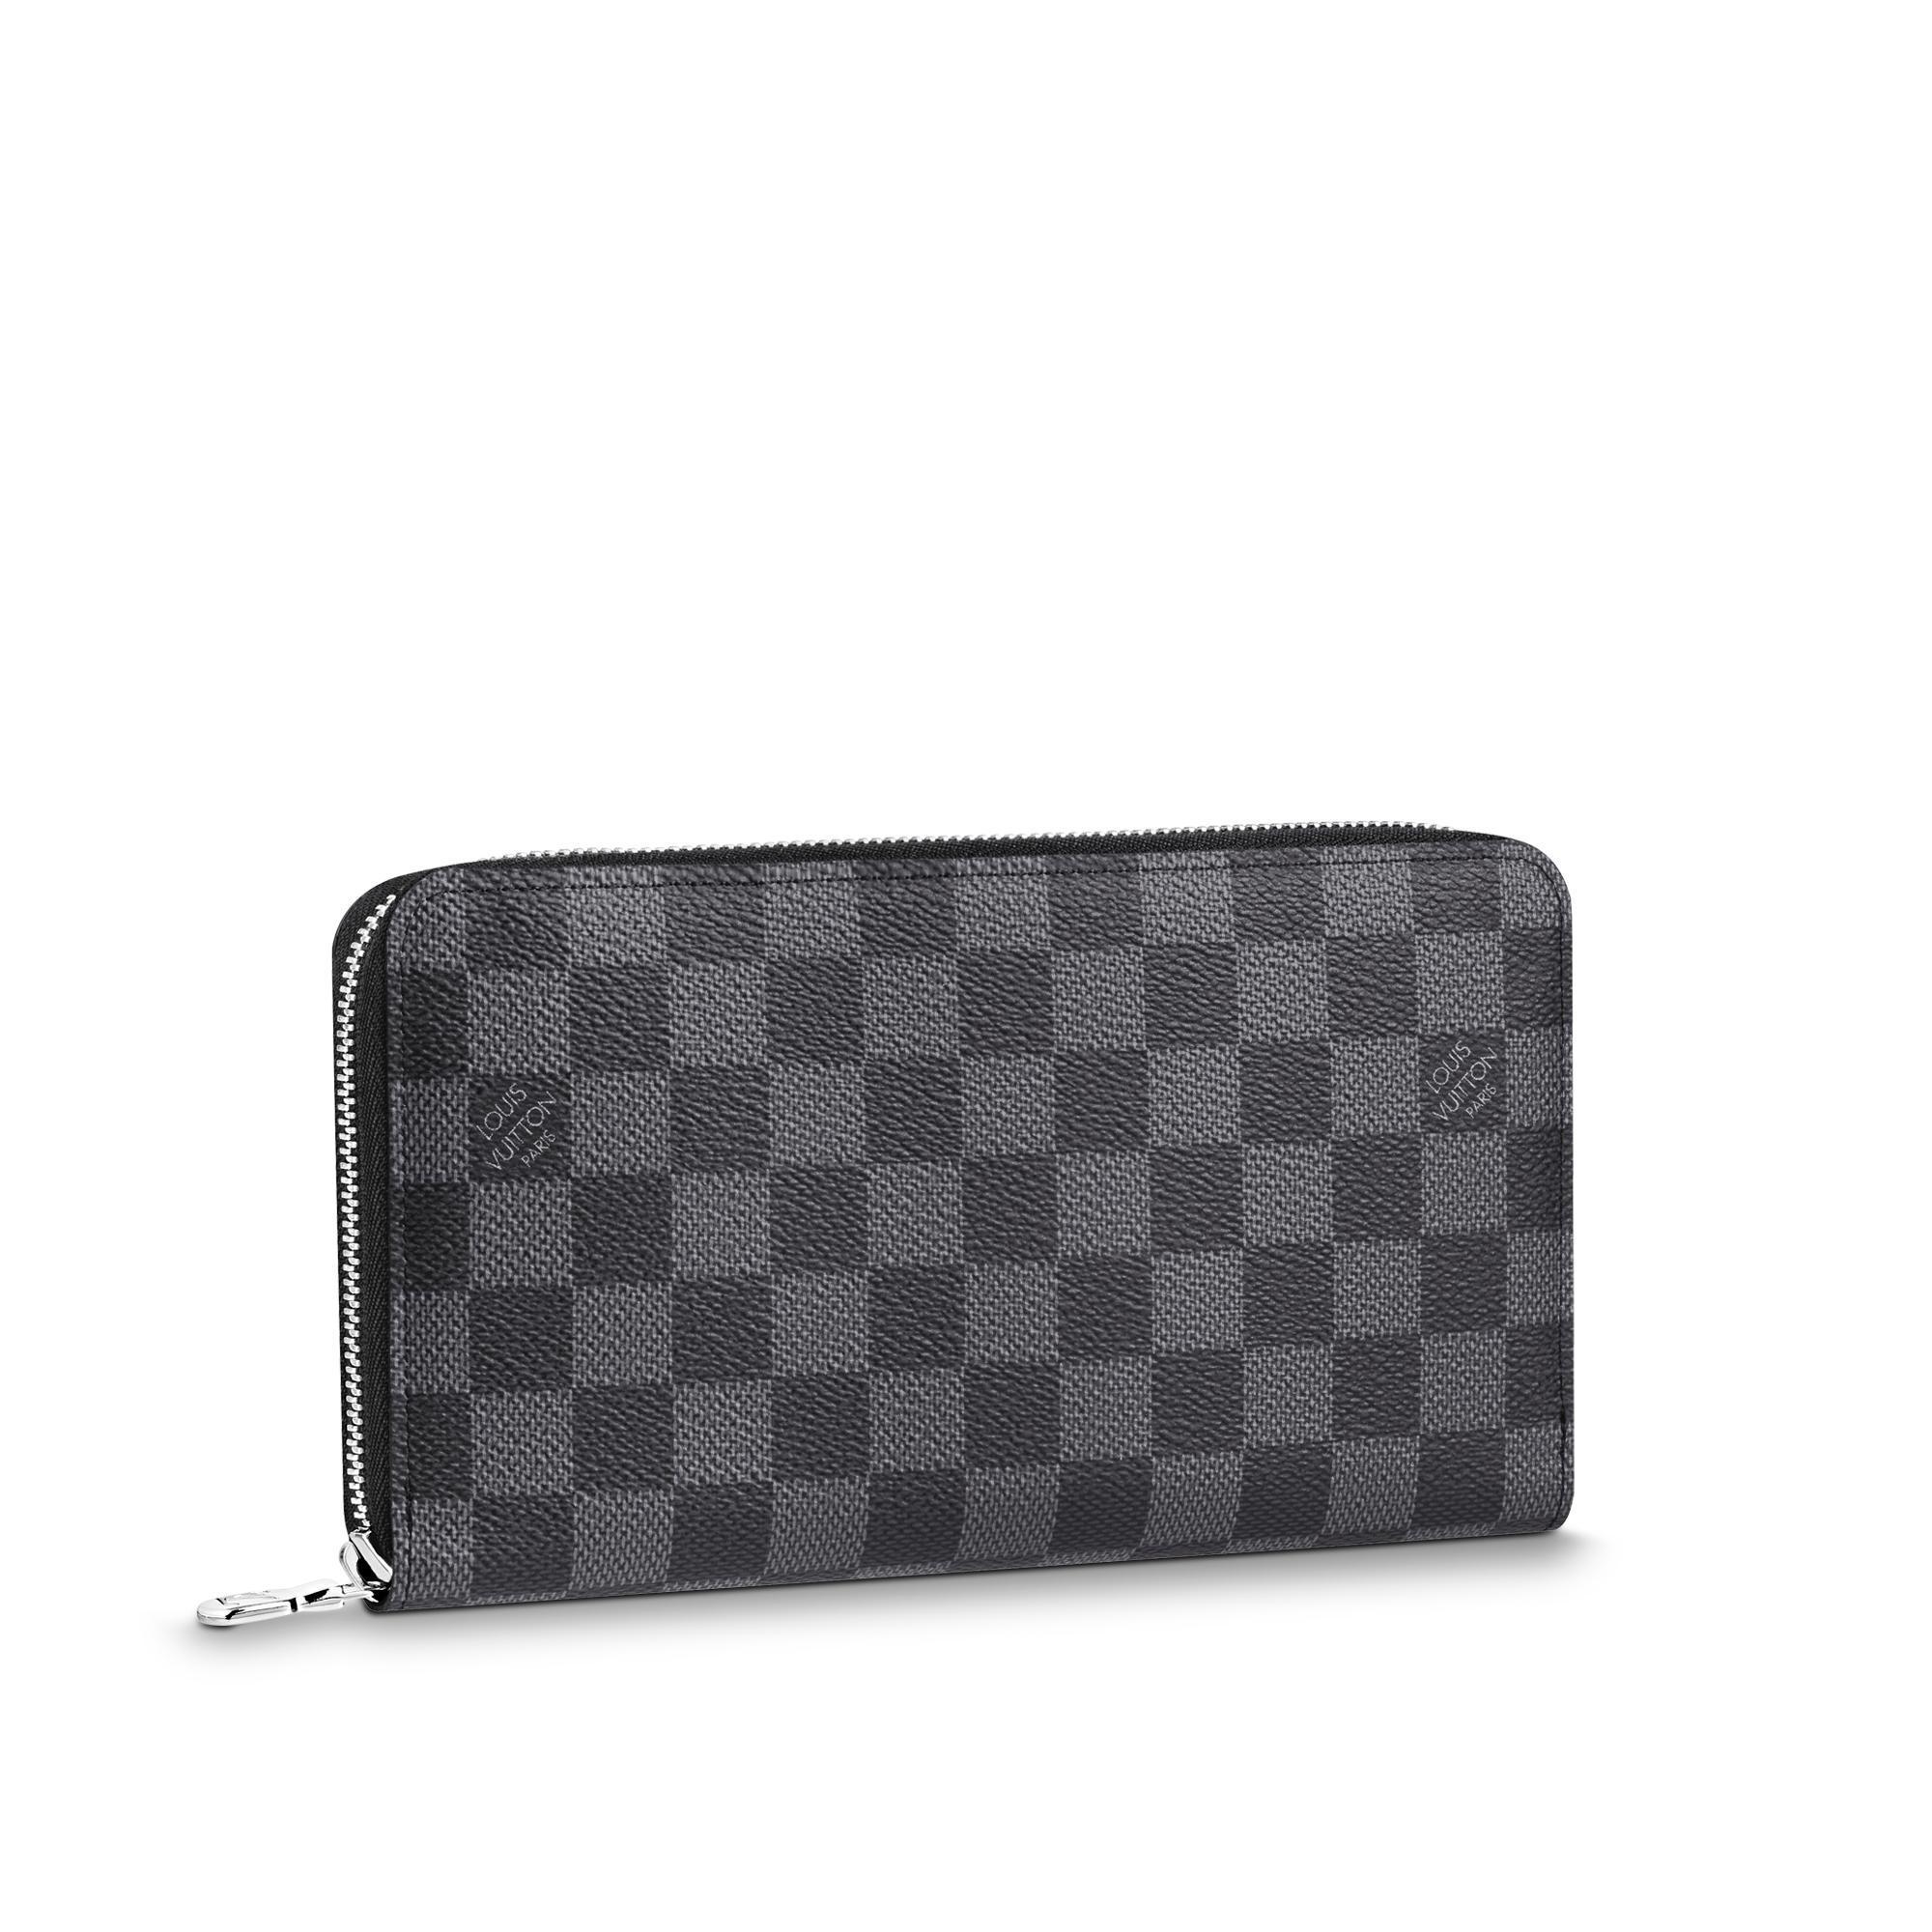 fc552bfc80 Louis Vuitton Zippy Organizer In Damier Graphite Canvas | ModeSens